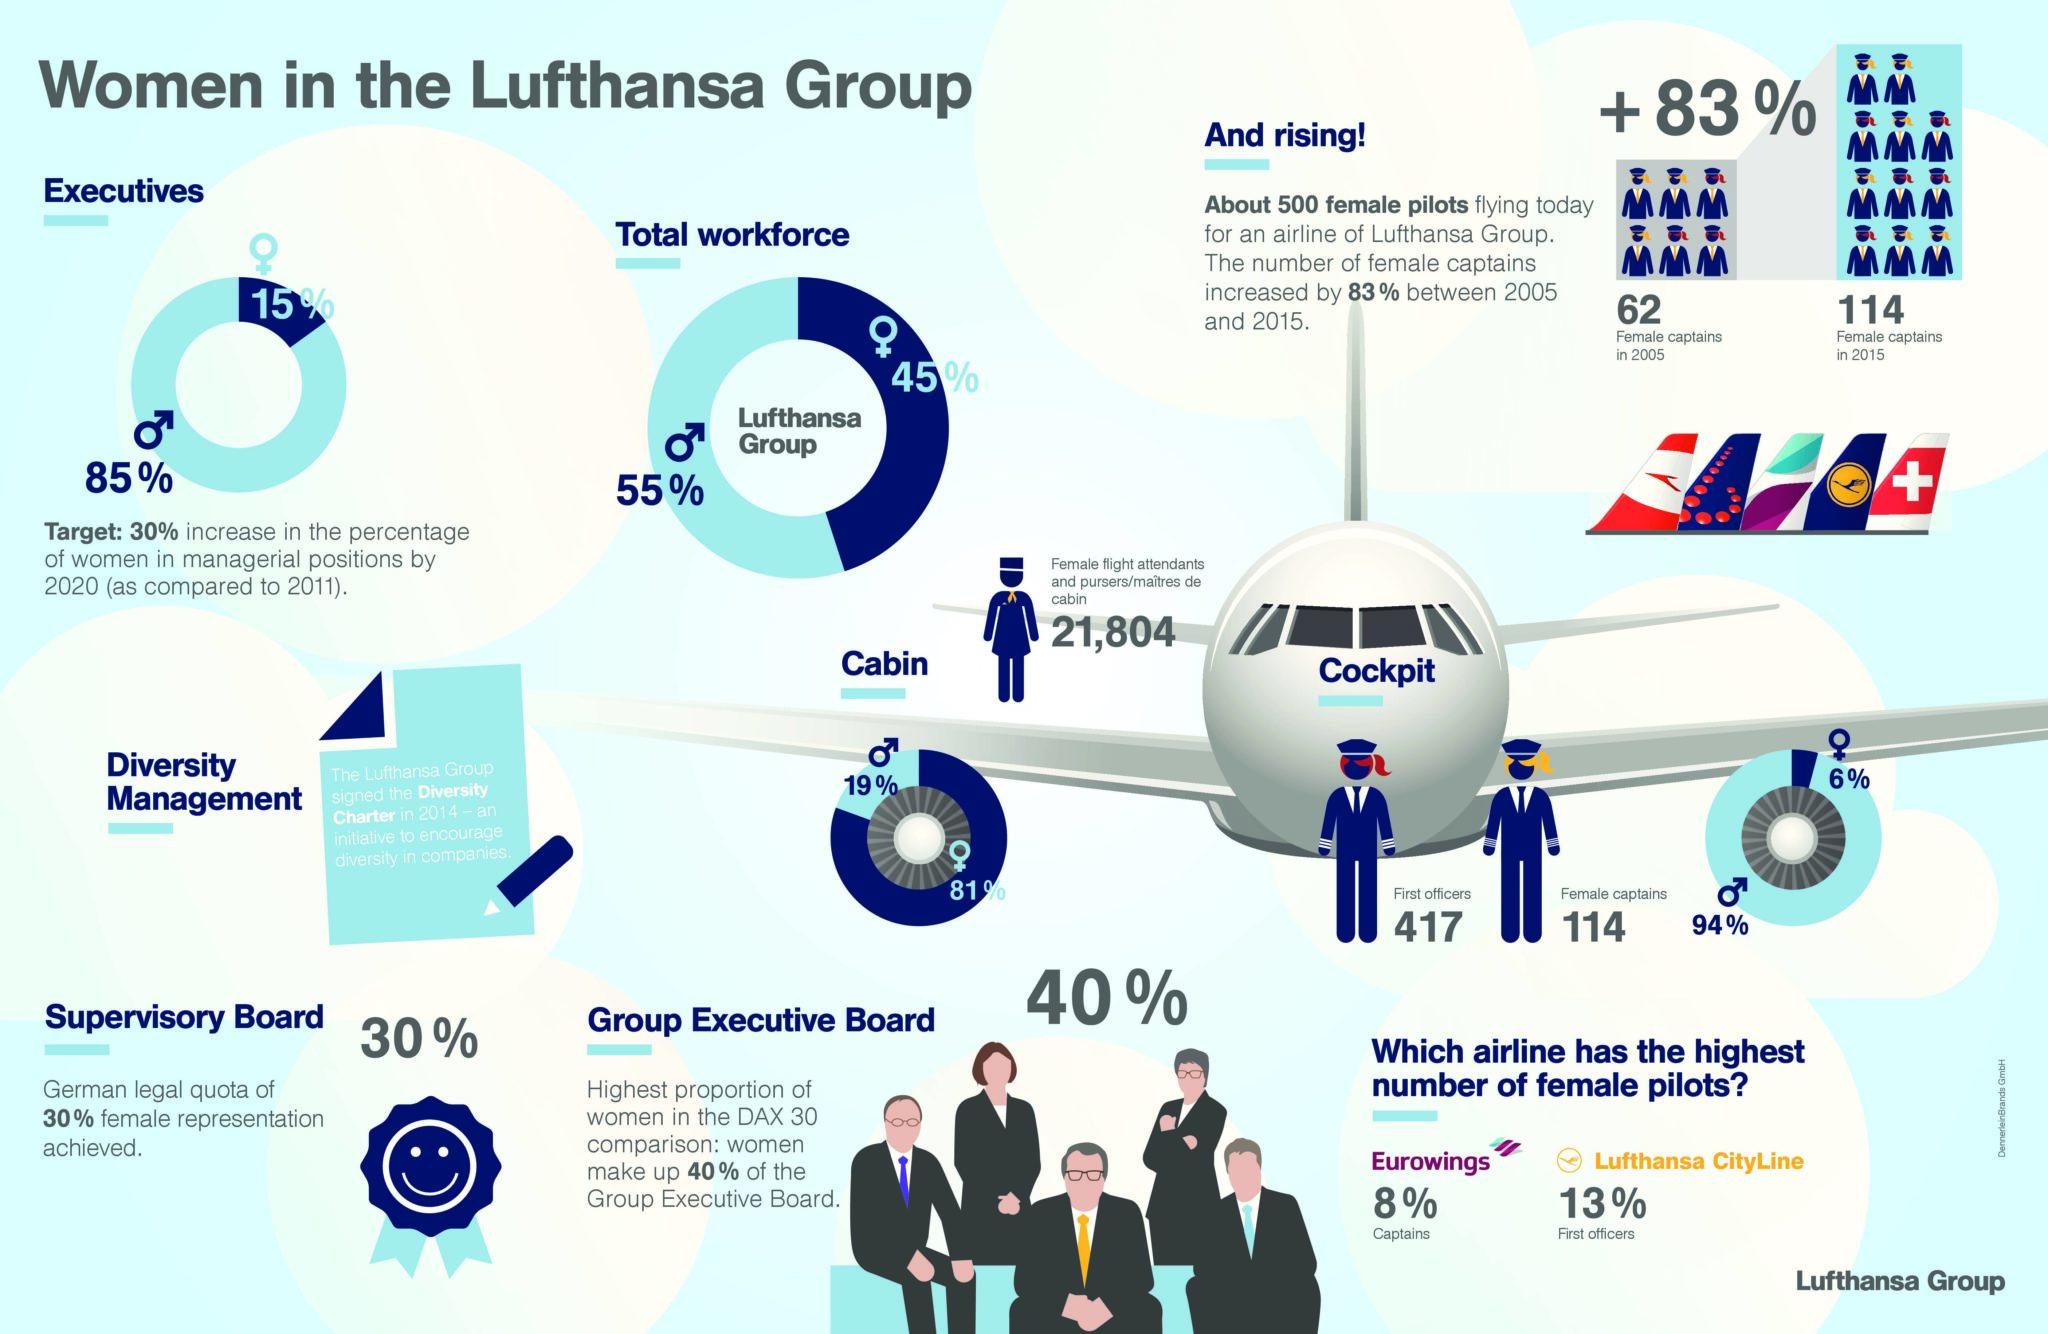 Courtesy of Lufthansa Group